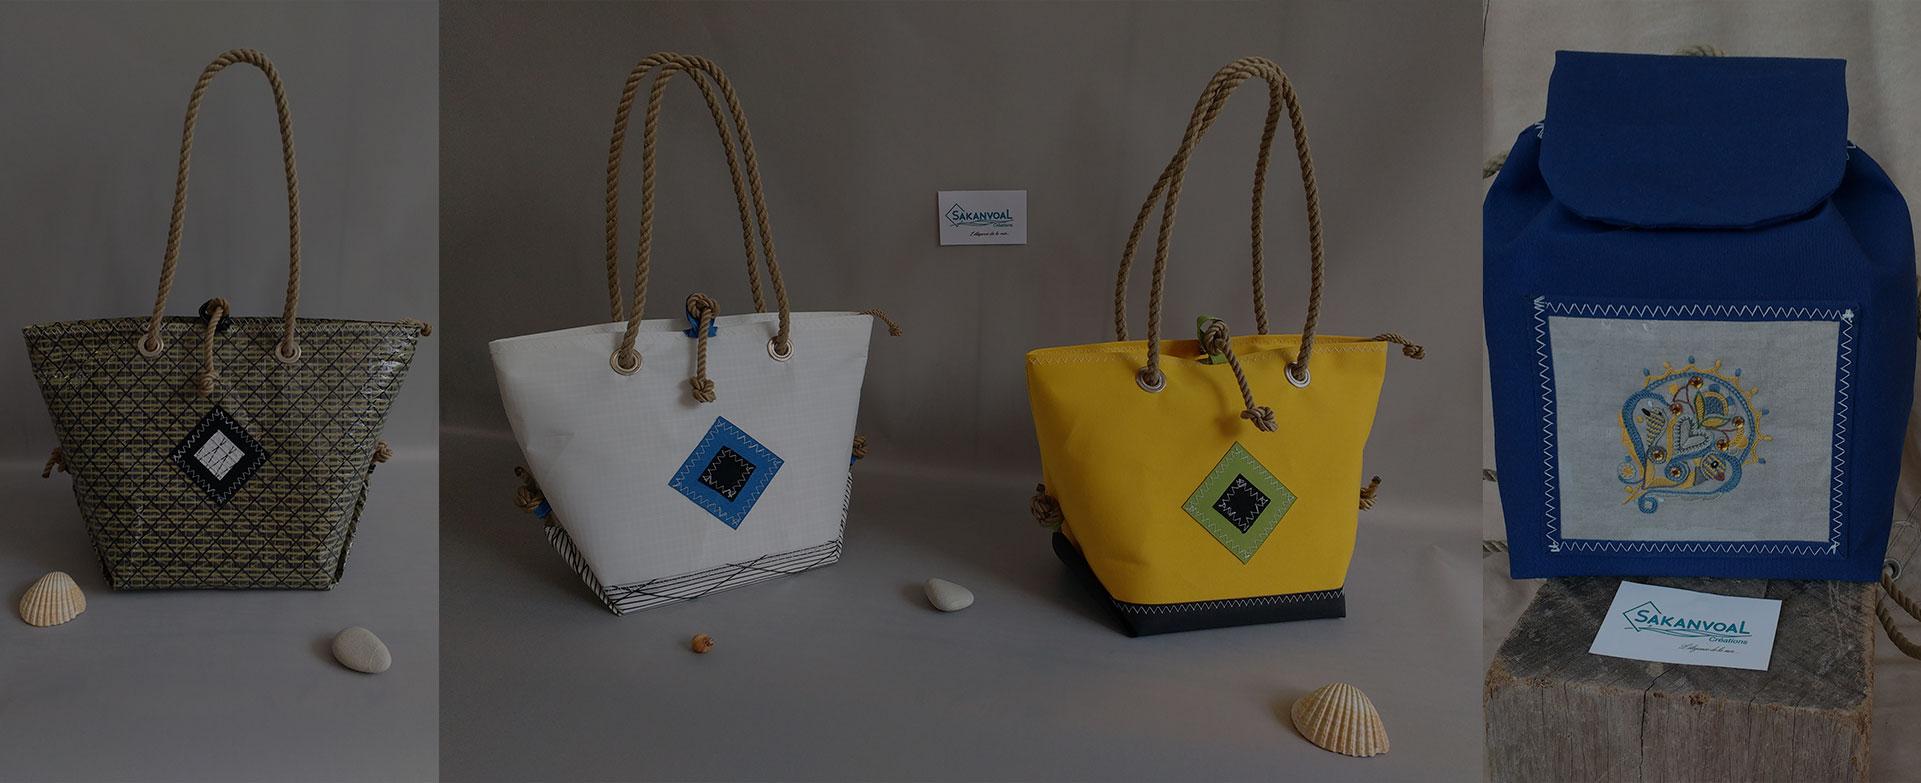 quatres sacs de plusieures couleurs entourés de coquillages